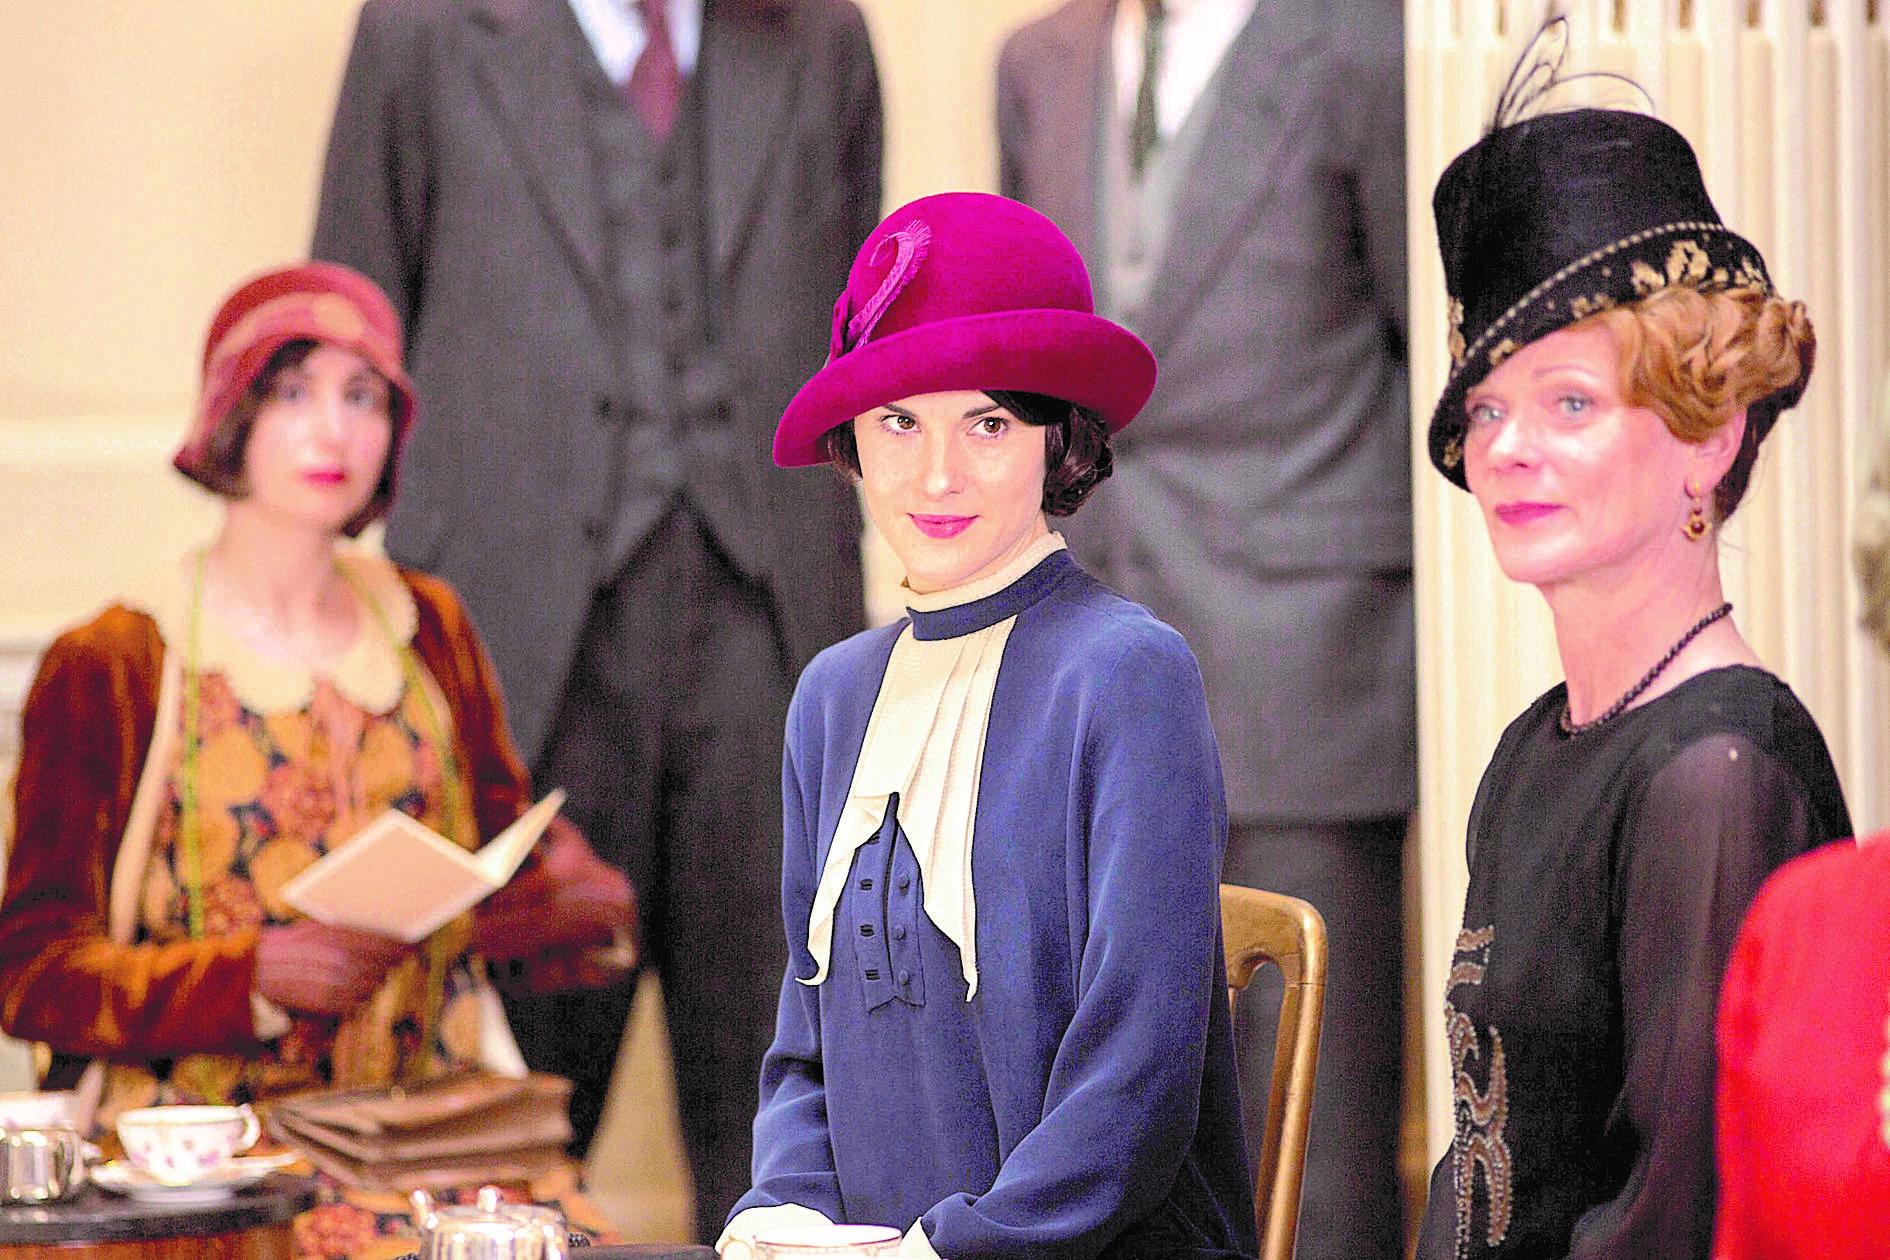 Fashion Show - Downton Abbey